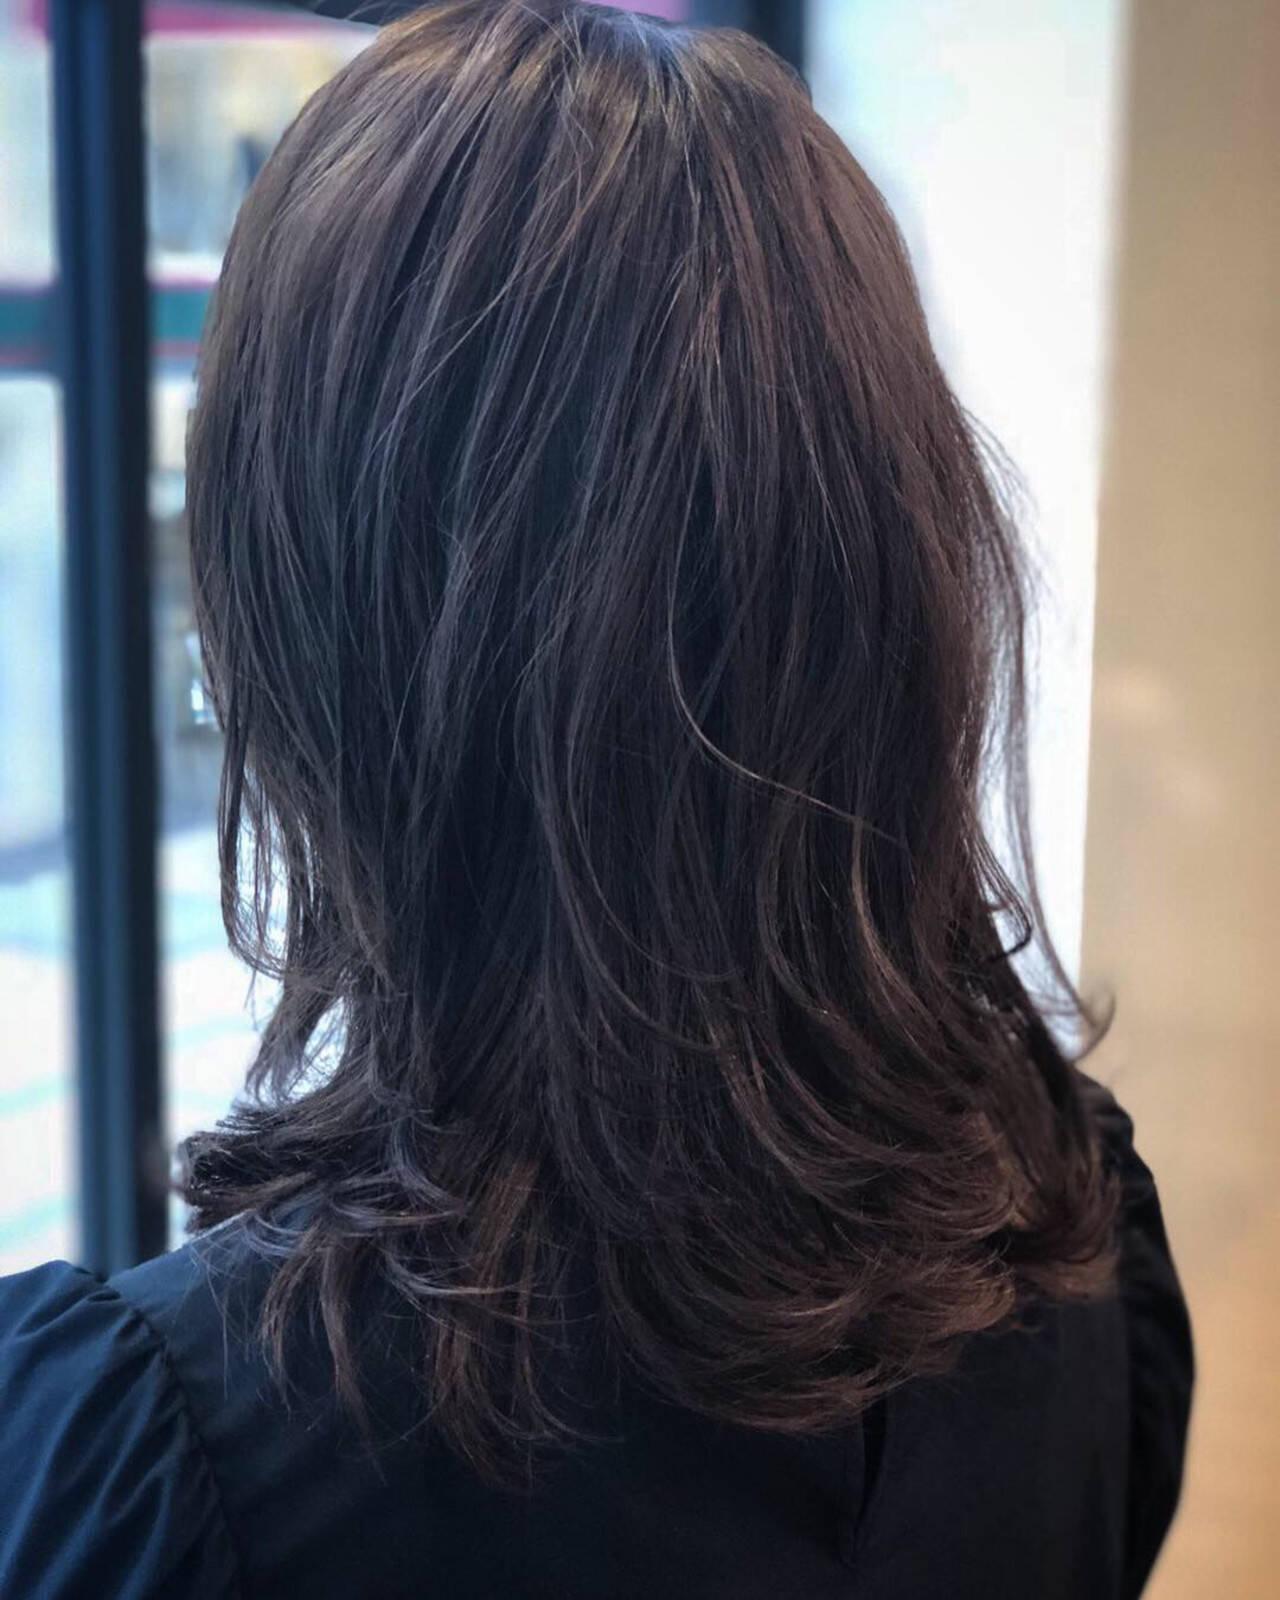 ナチュラル ミディアム アンニュイほつれヘア 大人かわいいヘアスタイルや髪型の写真・画像